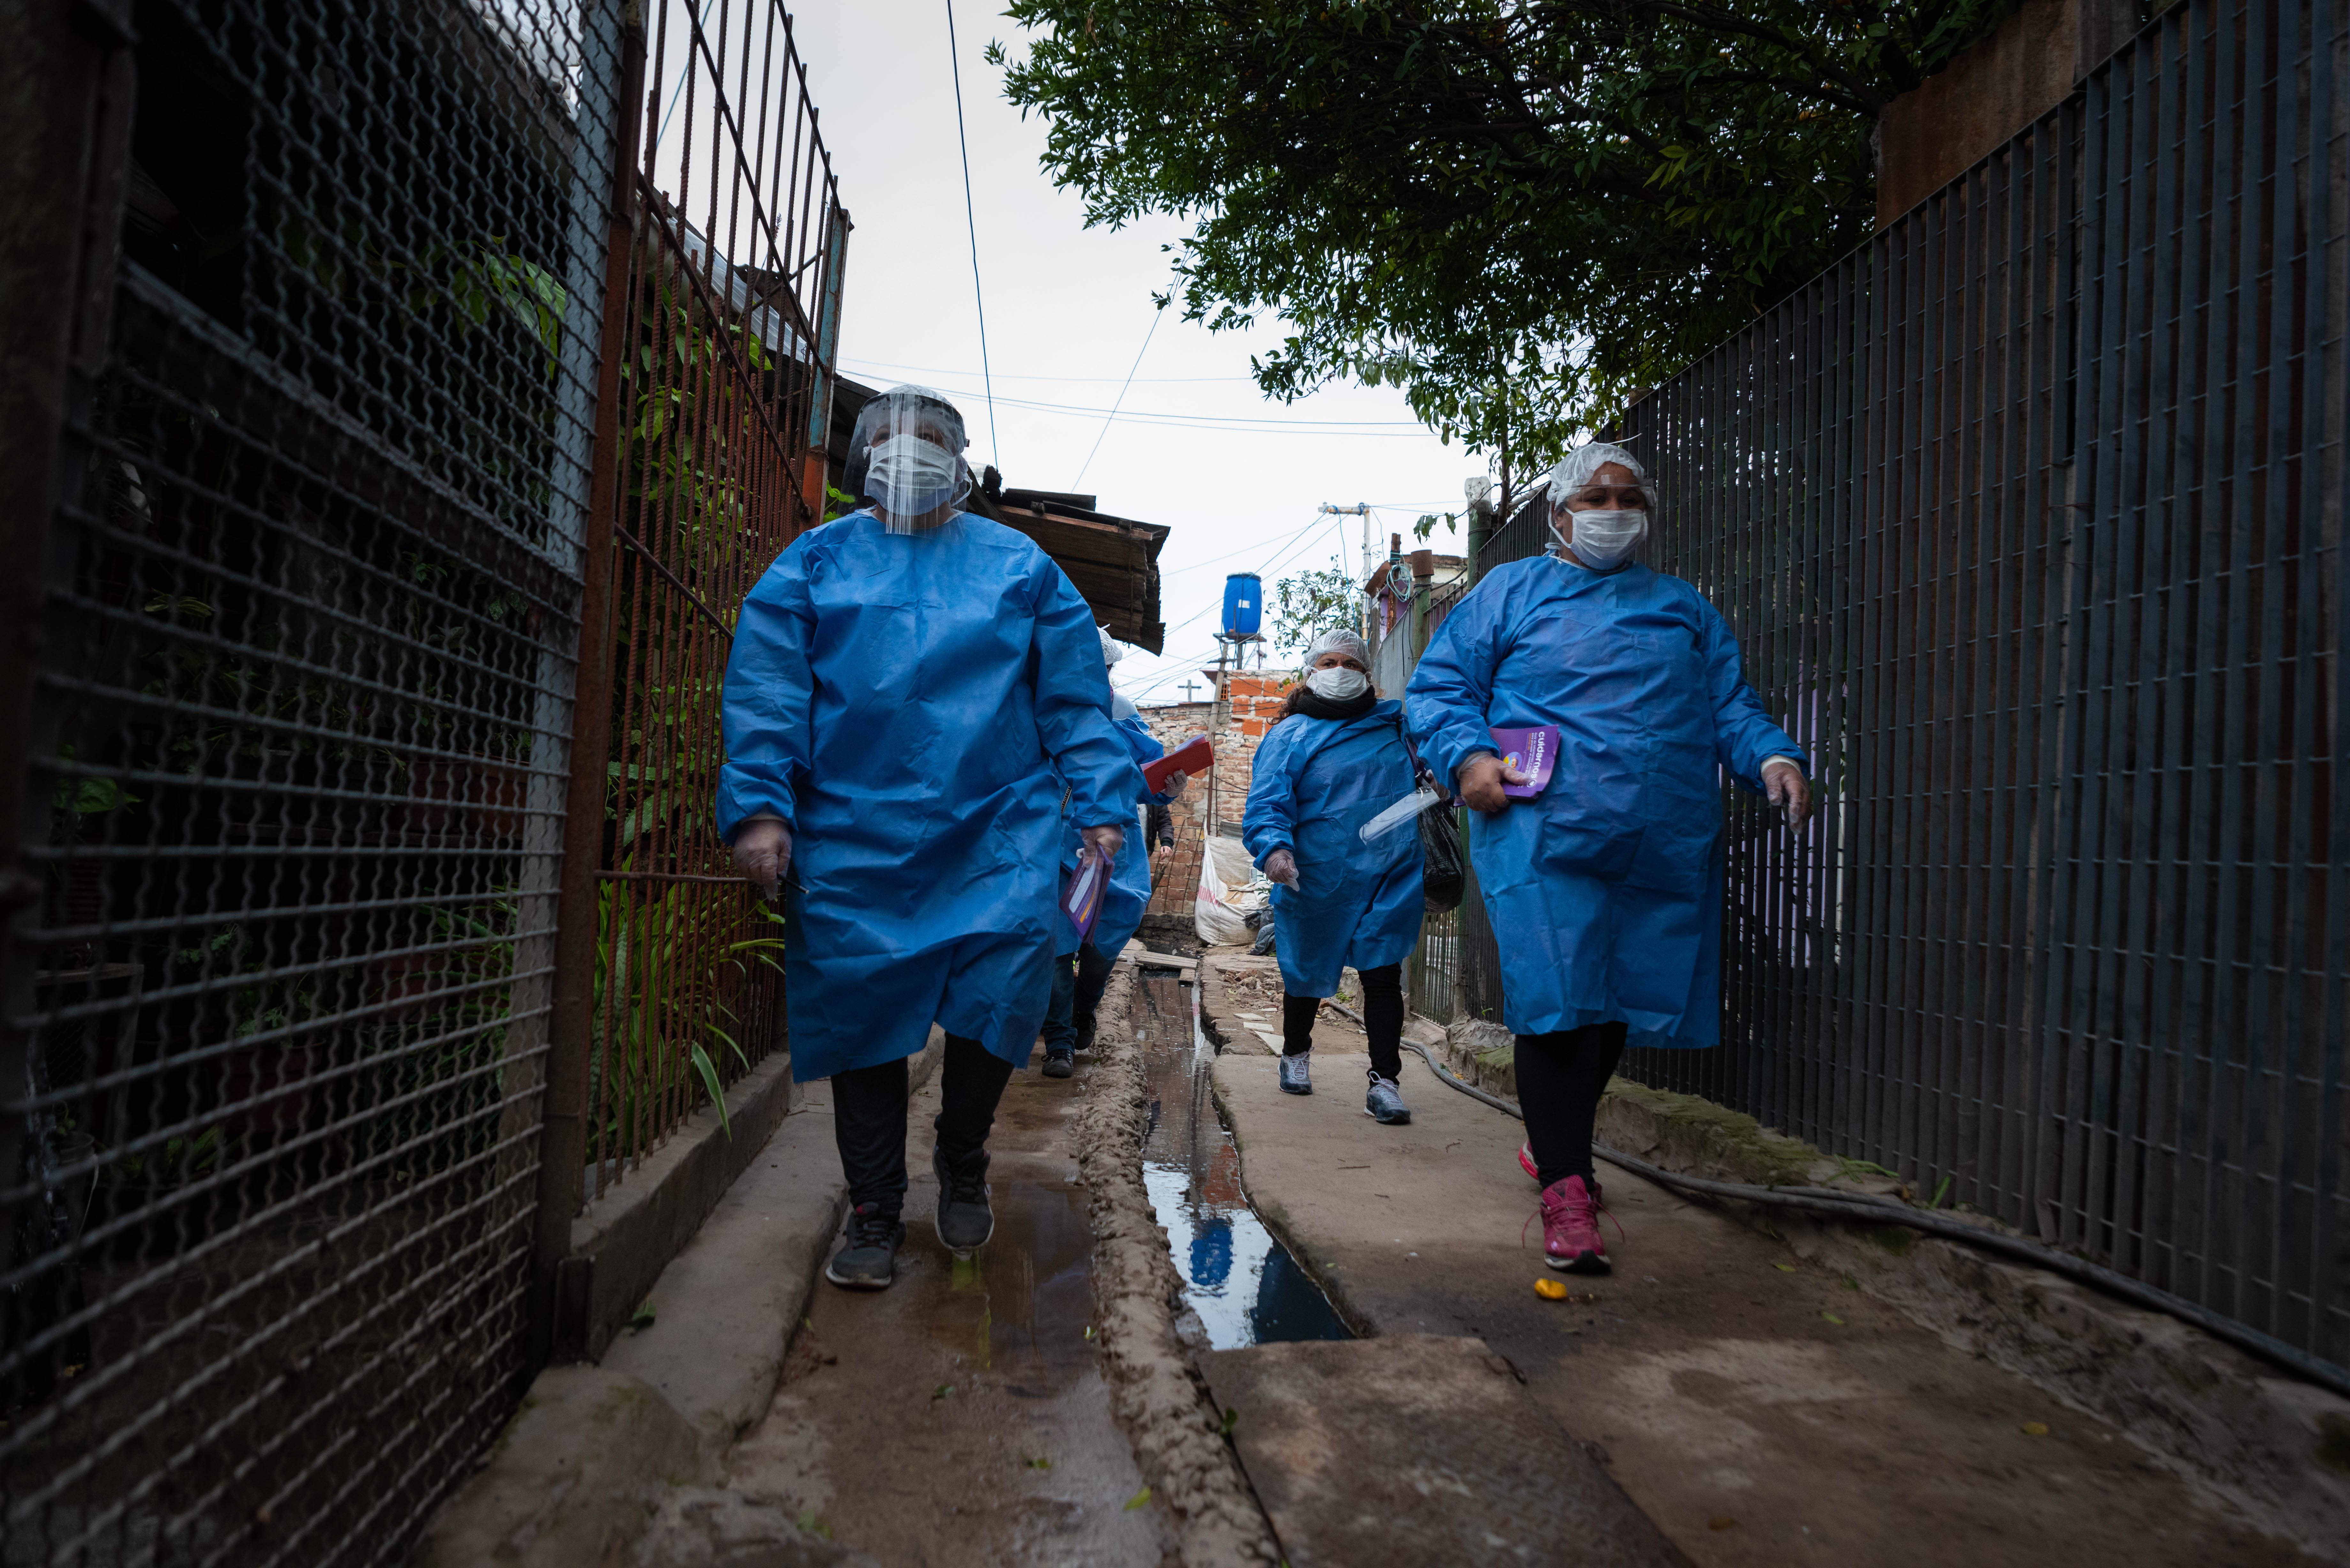 Decenas de promotores de la salud recorrieron la Villa Azul en busca de personas con síntomas de Covid-19 tras detectarse 53 casos positivos durante el fin de semana